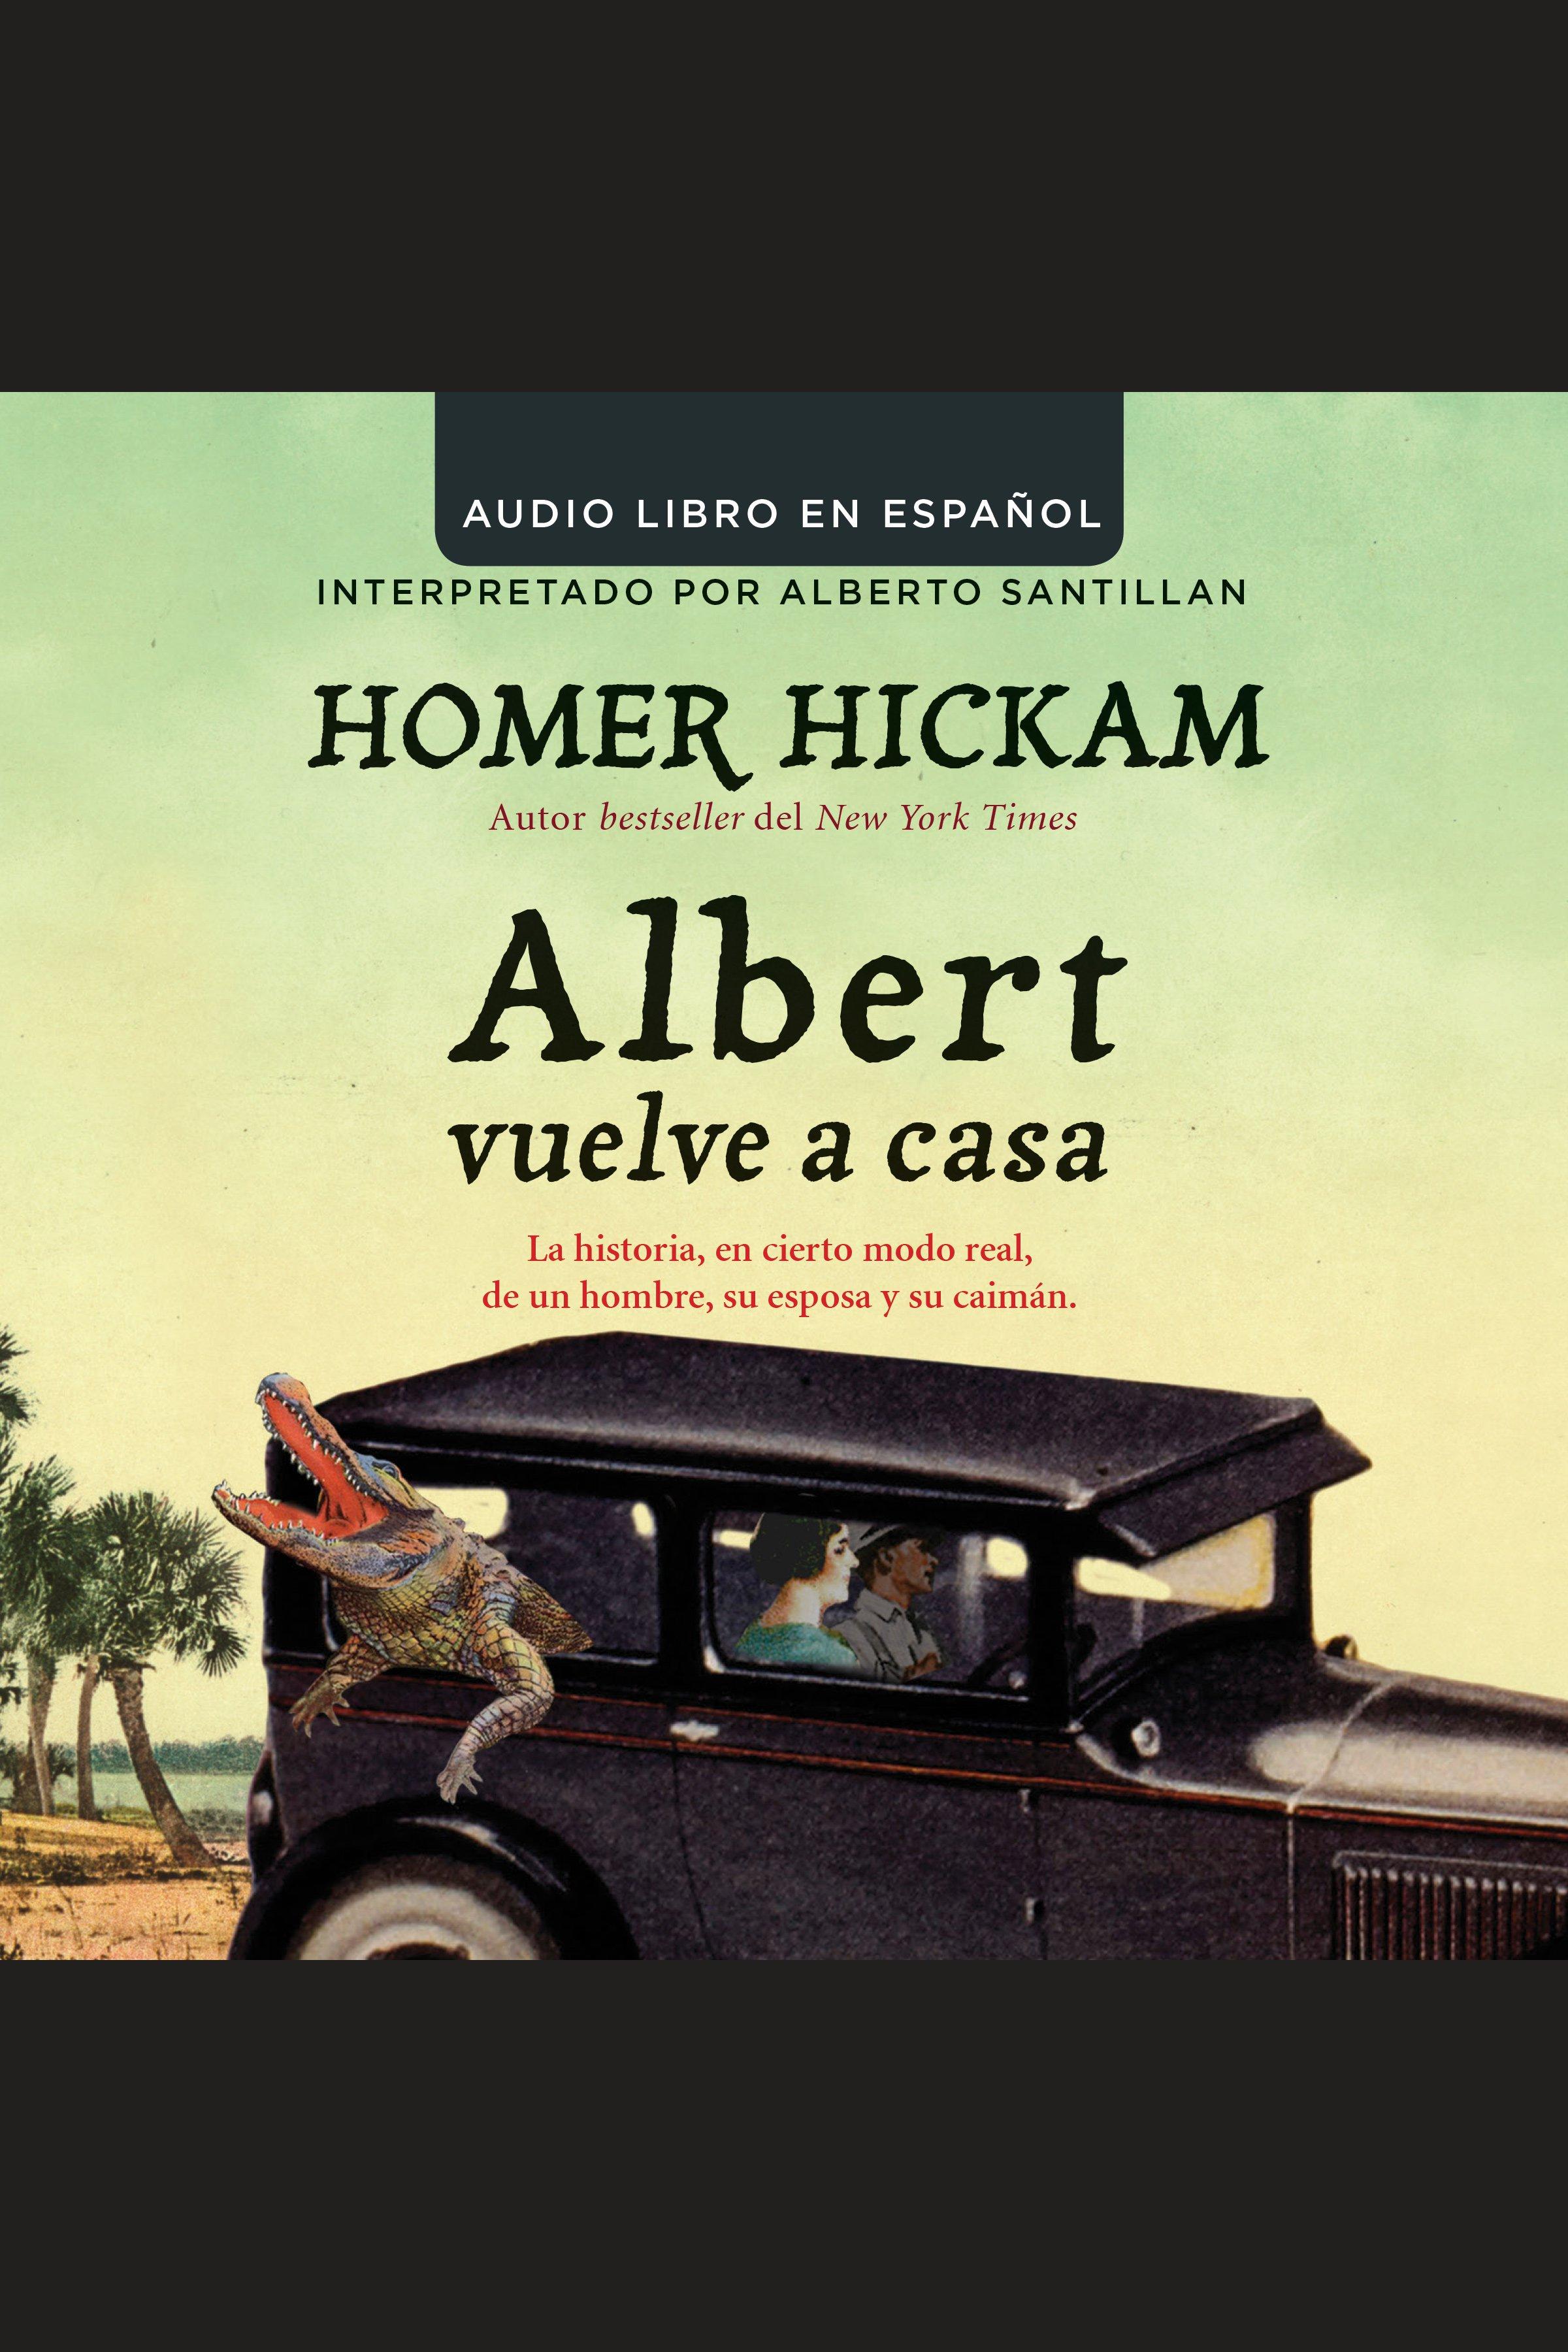 Albert vuelve a casa La historia, en cierto modo real, de un hombre, su esposa y su caimán cover image